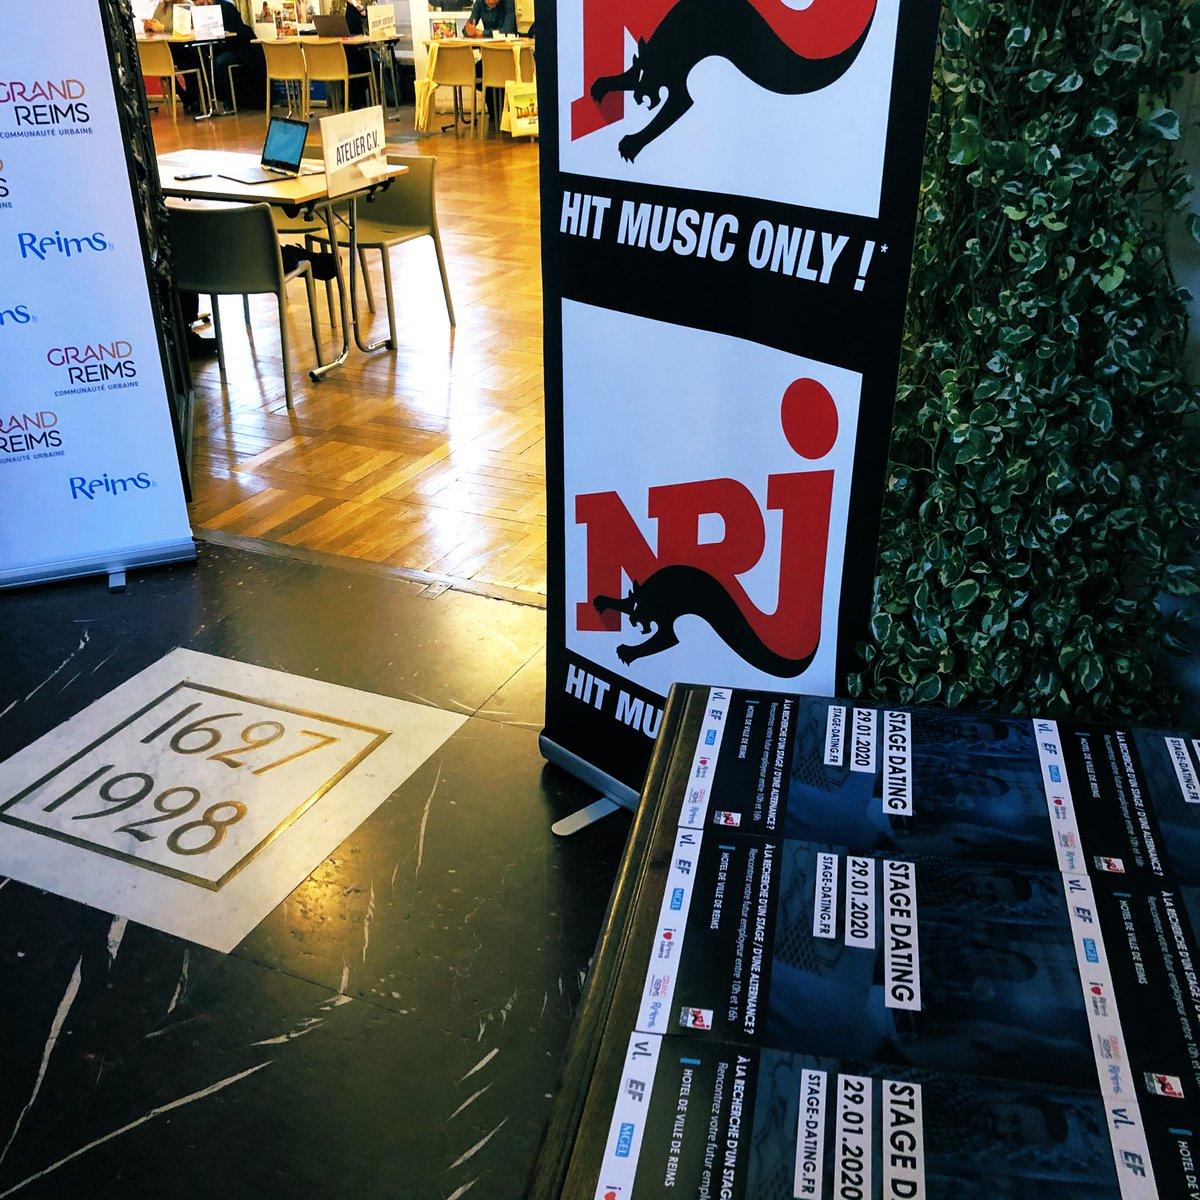 C'est parti! Vous cherchez un stage de 1 à 6 mois. Des dizaines d'entreprises qui recrutent vous attendent au #stagedating jusque 16h à l'hôtel de @VilledeReims  Une évènement #NRJ. #stage #dating #reims #reimscity #reimstagram #nrjpic.twitter.com/Hz7btZCwOw